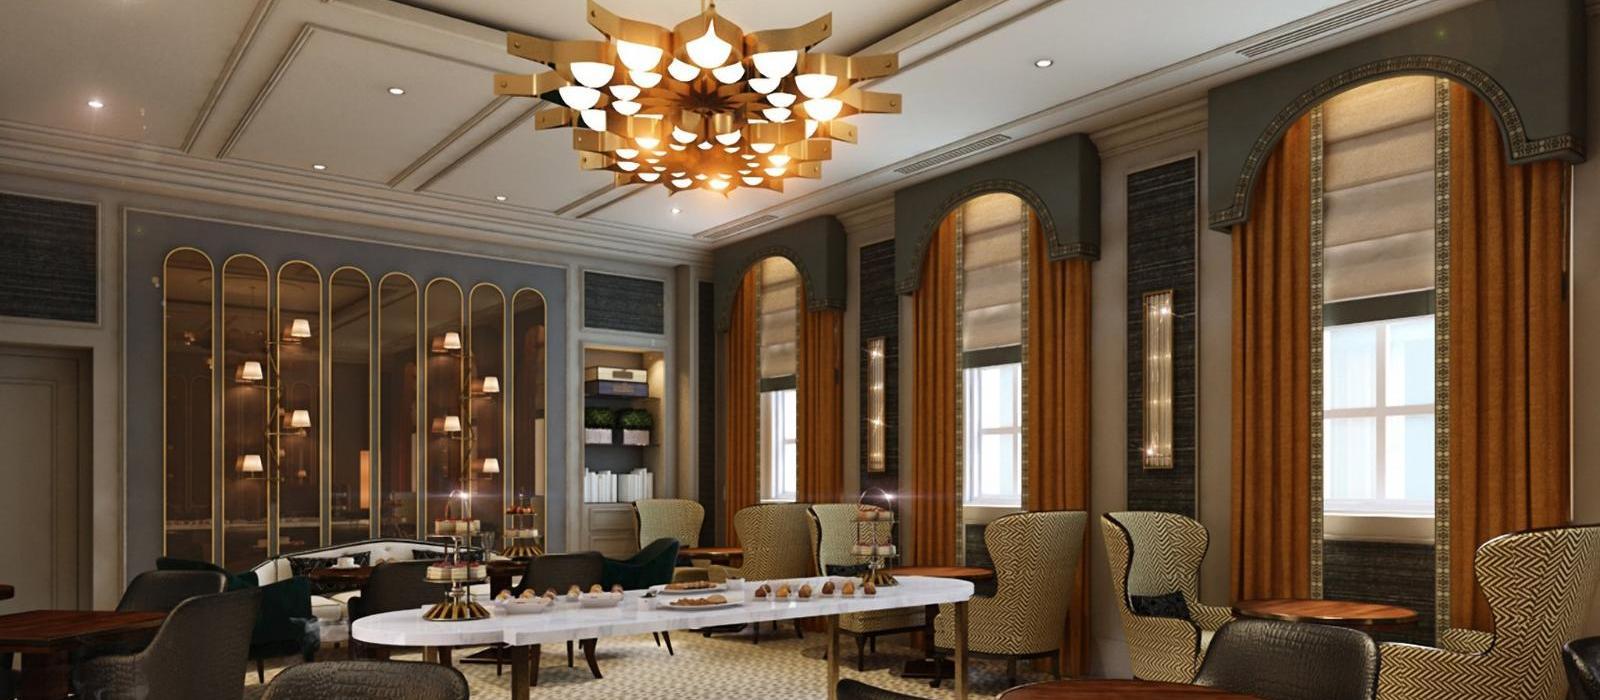 盖恩斯伯勒温泉水疗酒店(The Gainsborough Bath Spa) 图片  www.lhw.cn